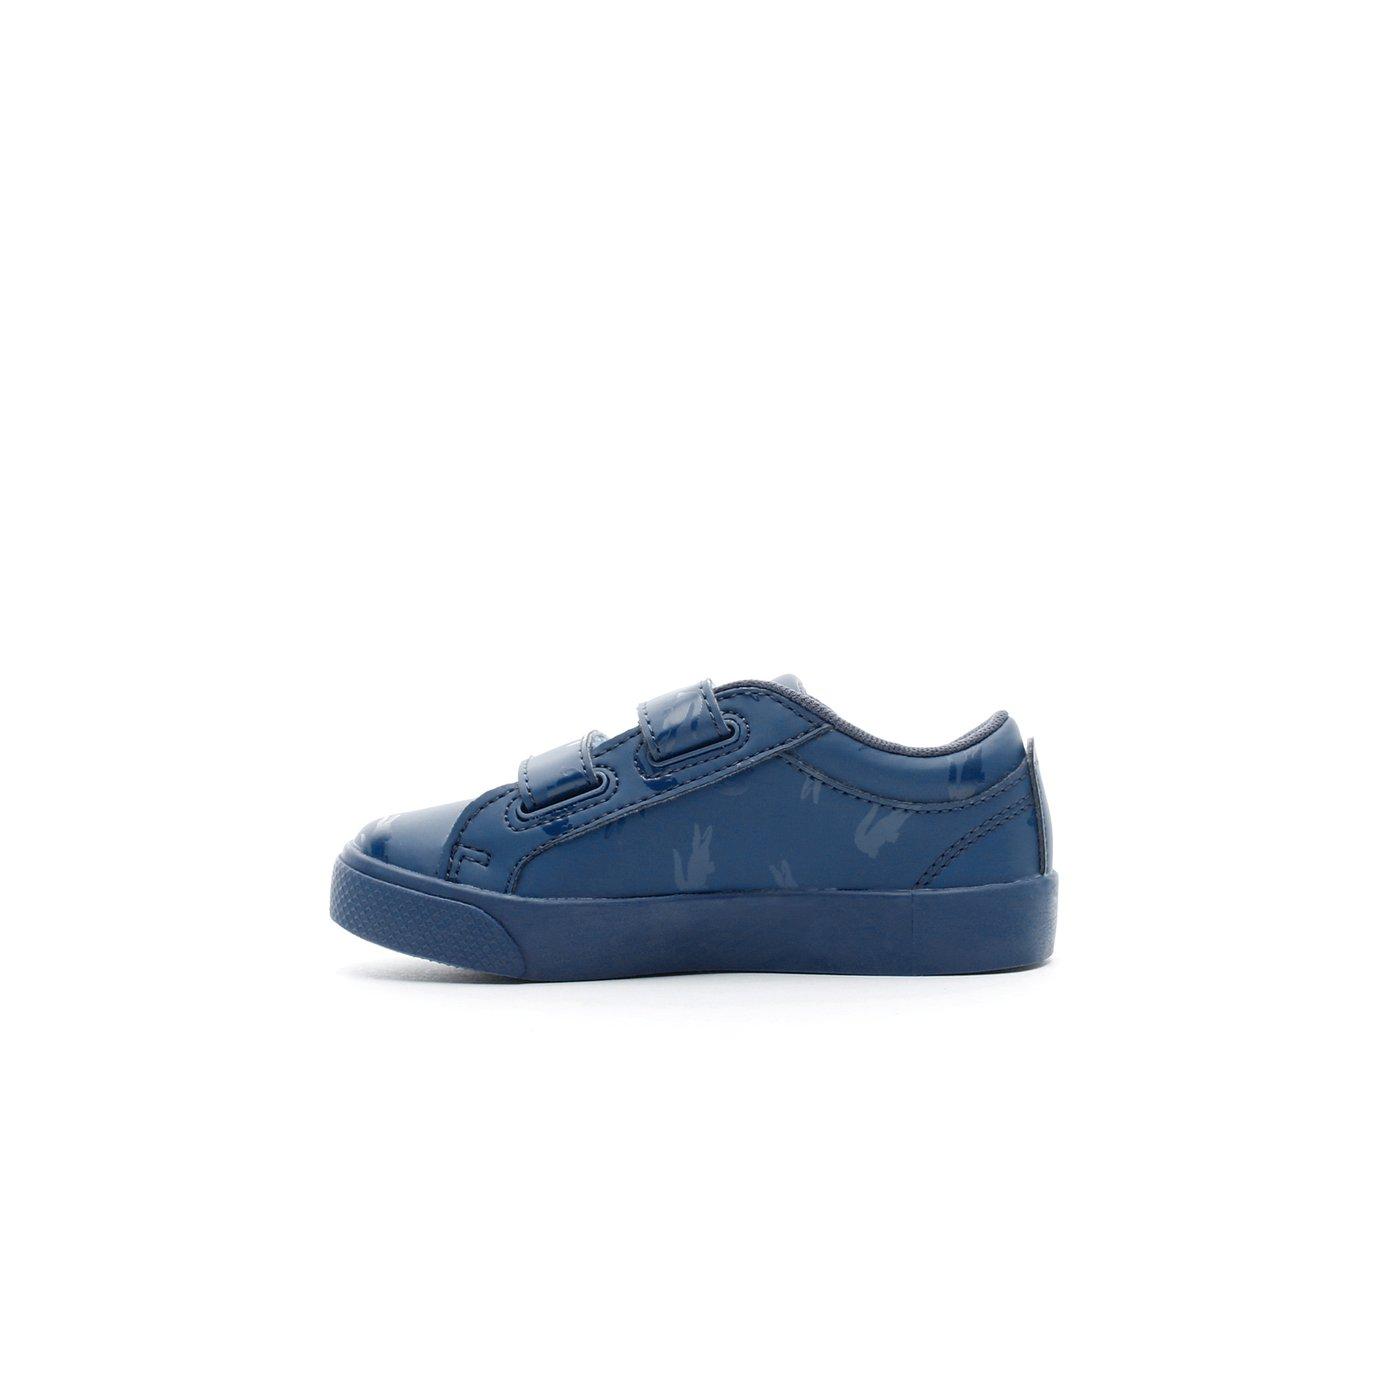 Lacoste Straightset Çocuk Mavi Spor Ayakkabı